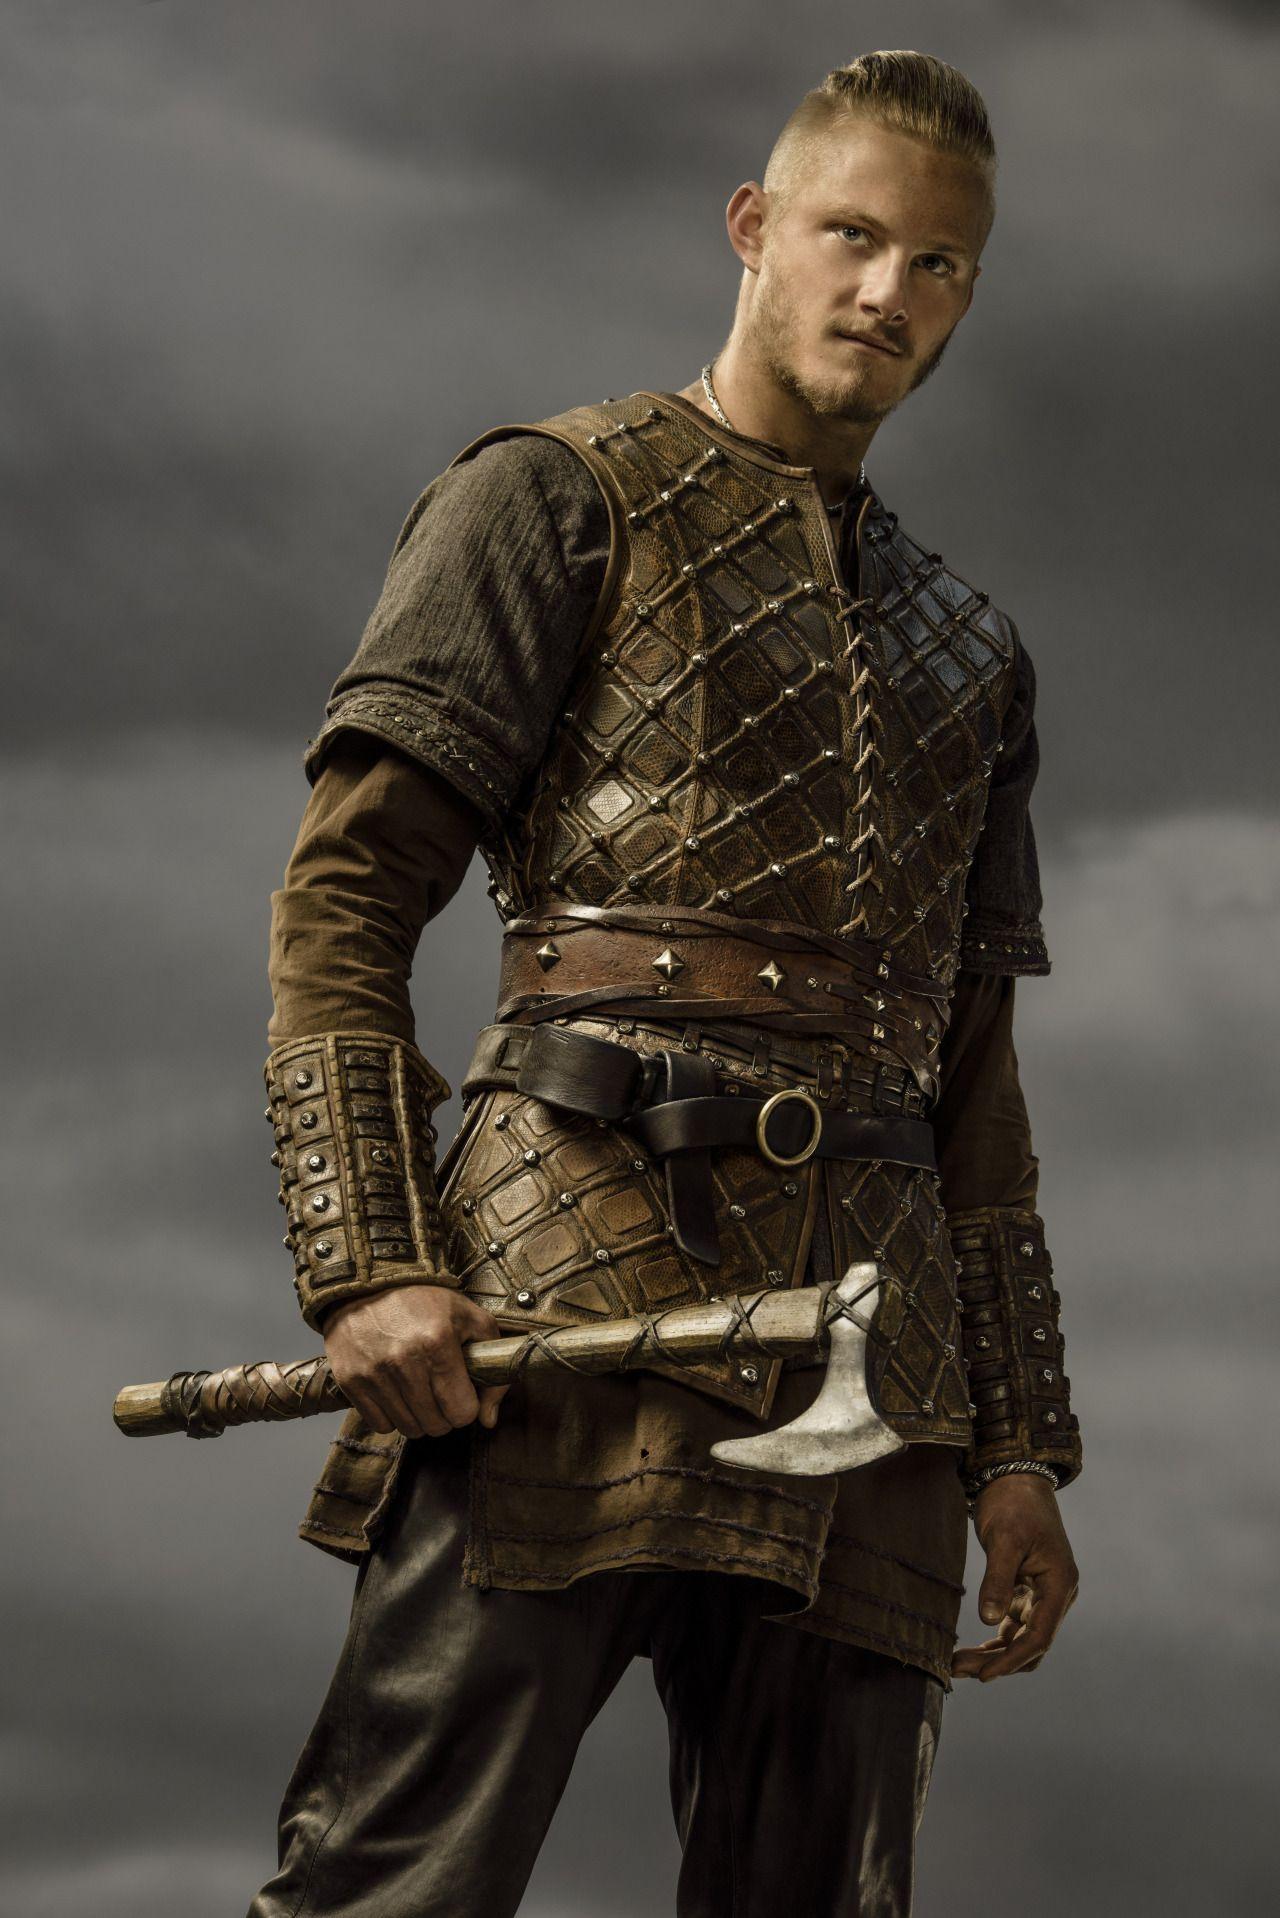 Bjorn Vikings Bjorn Ironside | Vikin...